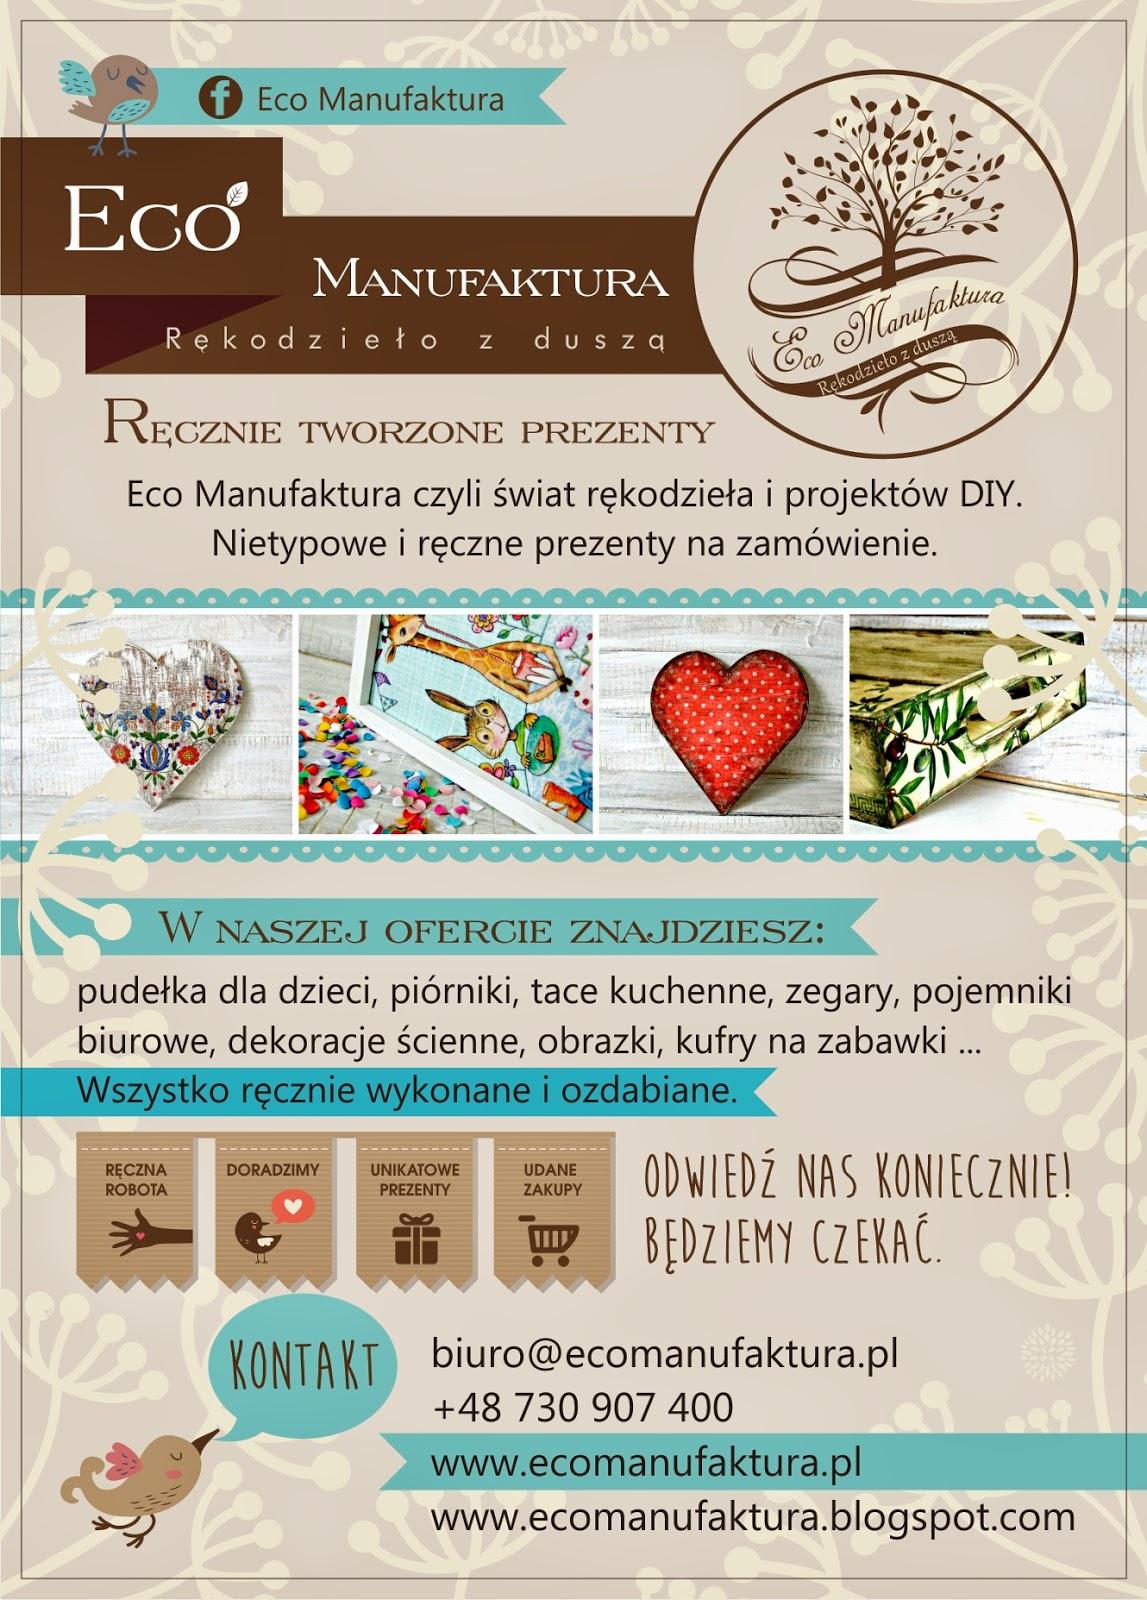 ulotka Eco Manufaktura - nowa identyfikacja graficzna pracowni rękodzieła i decoupage.